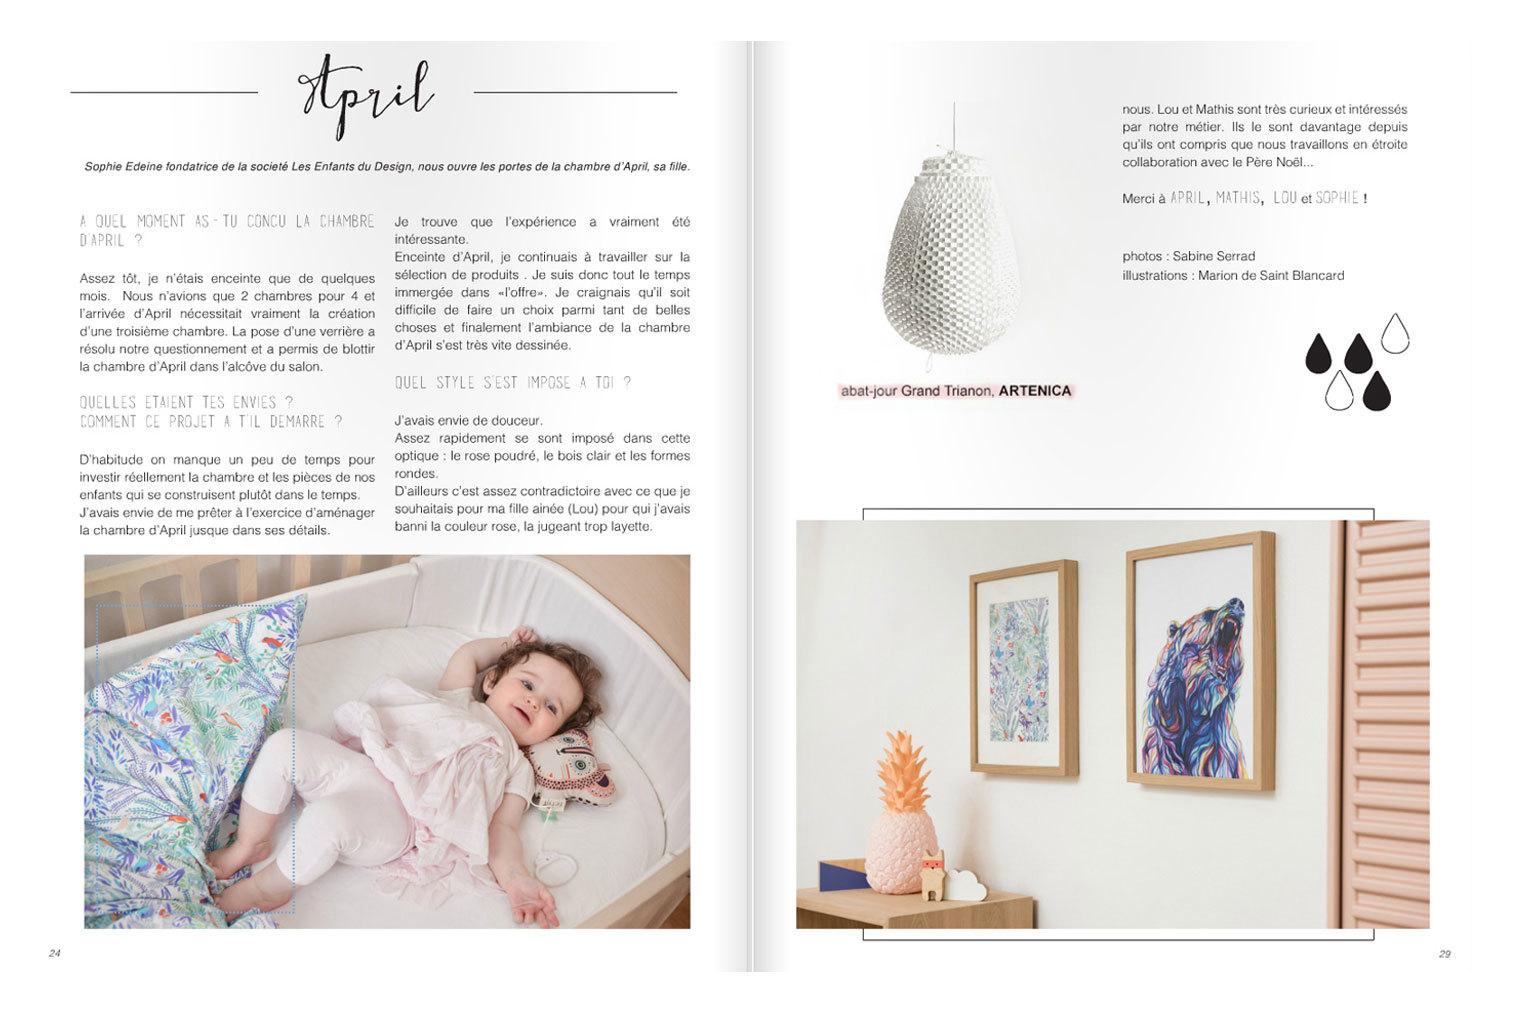 Sophie Edeine de Les Enfants du Design a choisi une parure de lit Little Cabari pour sa fille